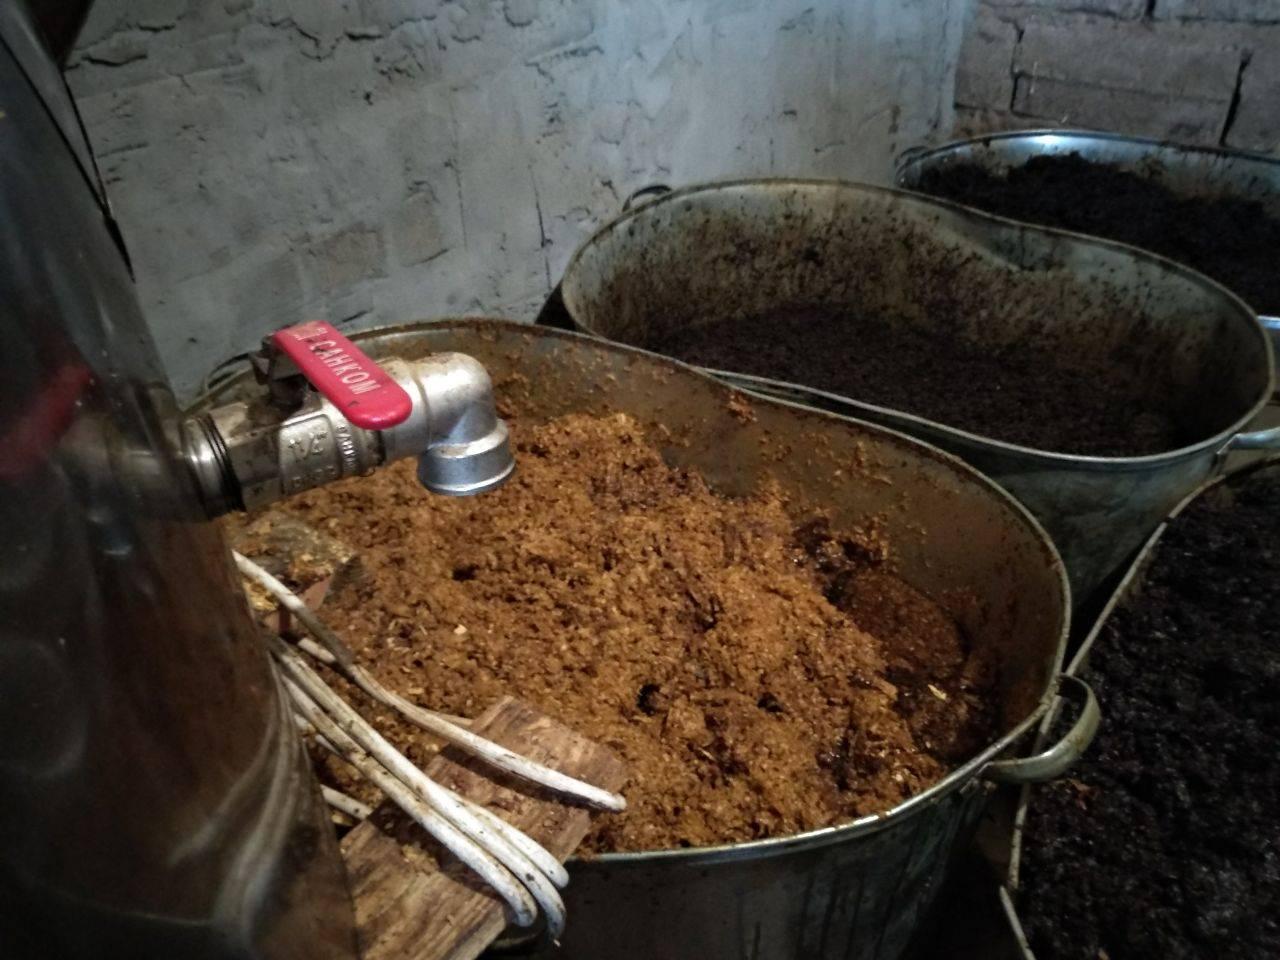 Можно ли приготовить смеси для курения кальяна своими руками   планета кальянов   яндекс дзен